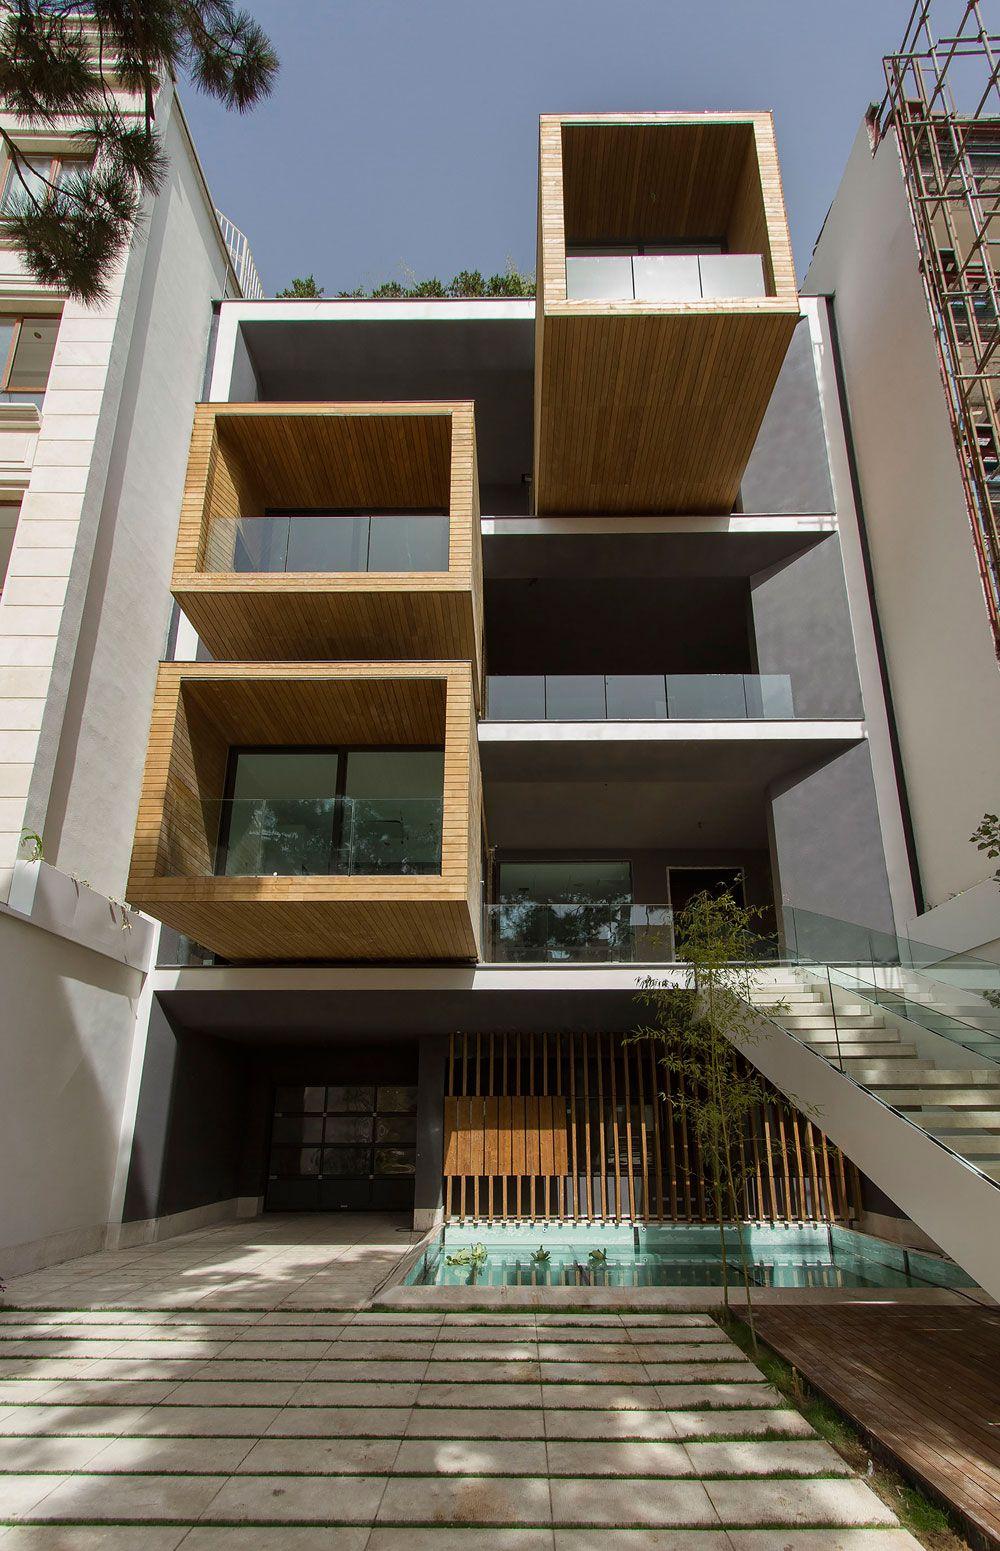 nextoffice, Einfamilienhaus, Iran, Teheran, verdrehbare Räume, Kuben, Flexibilität, Ansicht